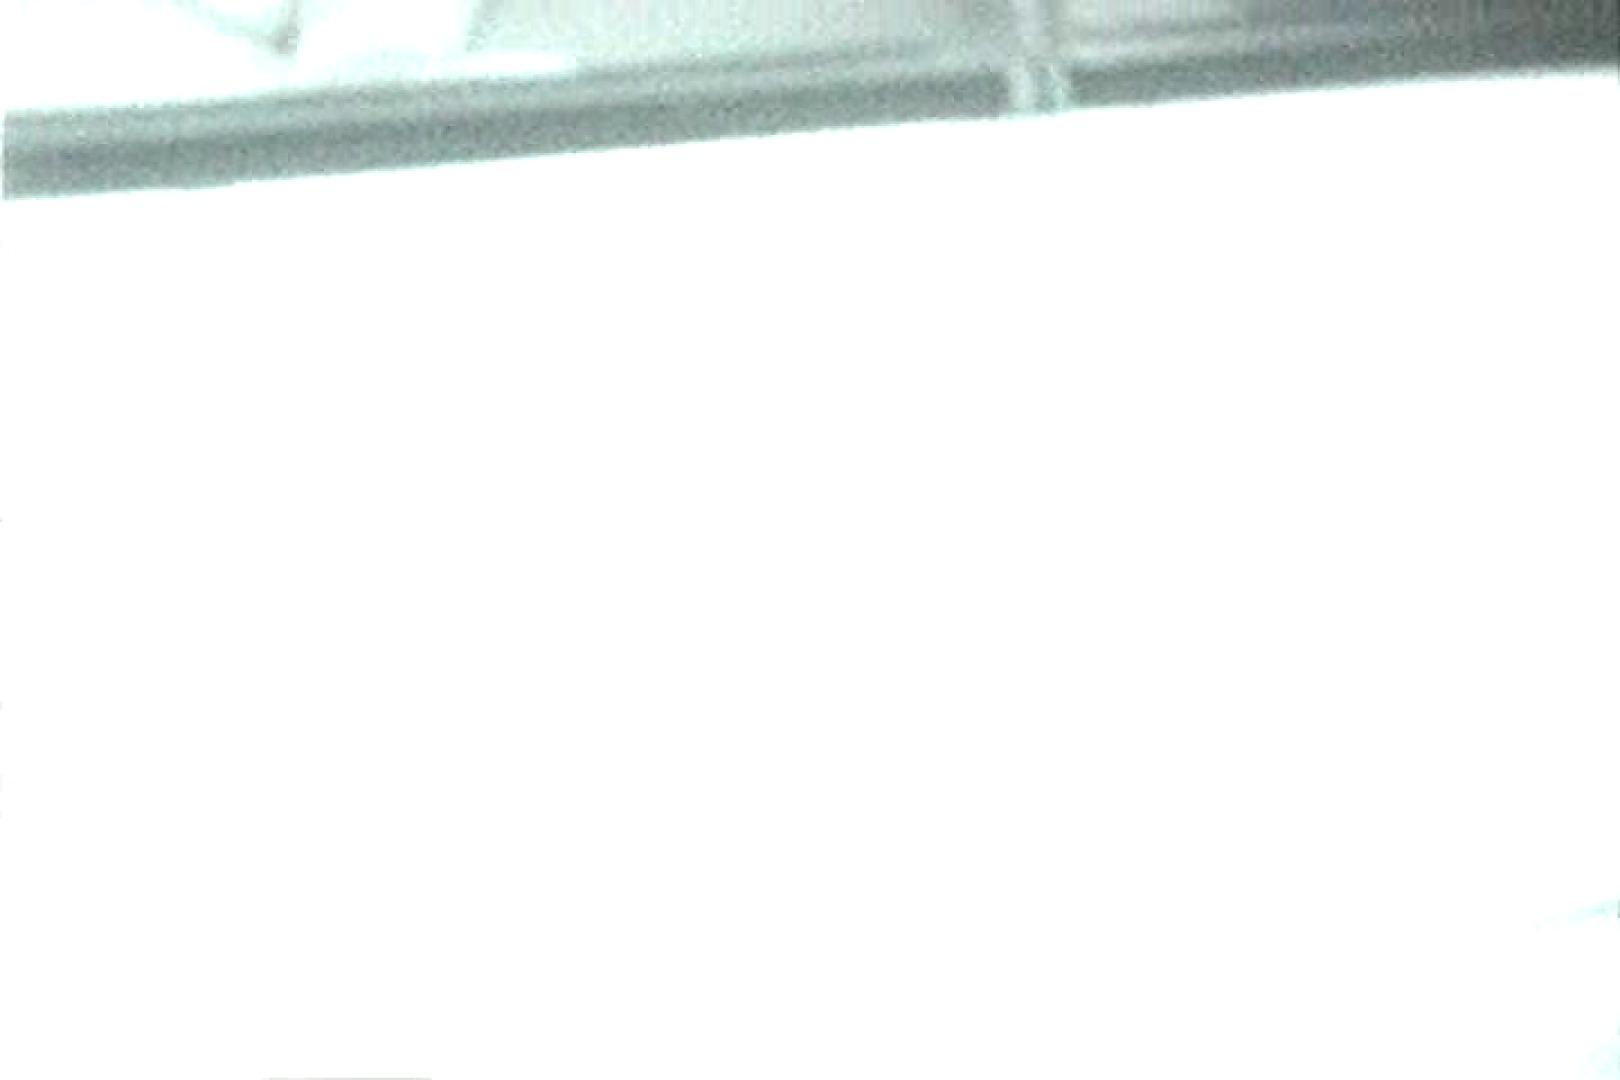 充血監督の深夜の運動会Vol.27 接写 | 小悪魔ギャル  61連発 43